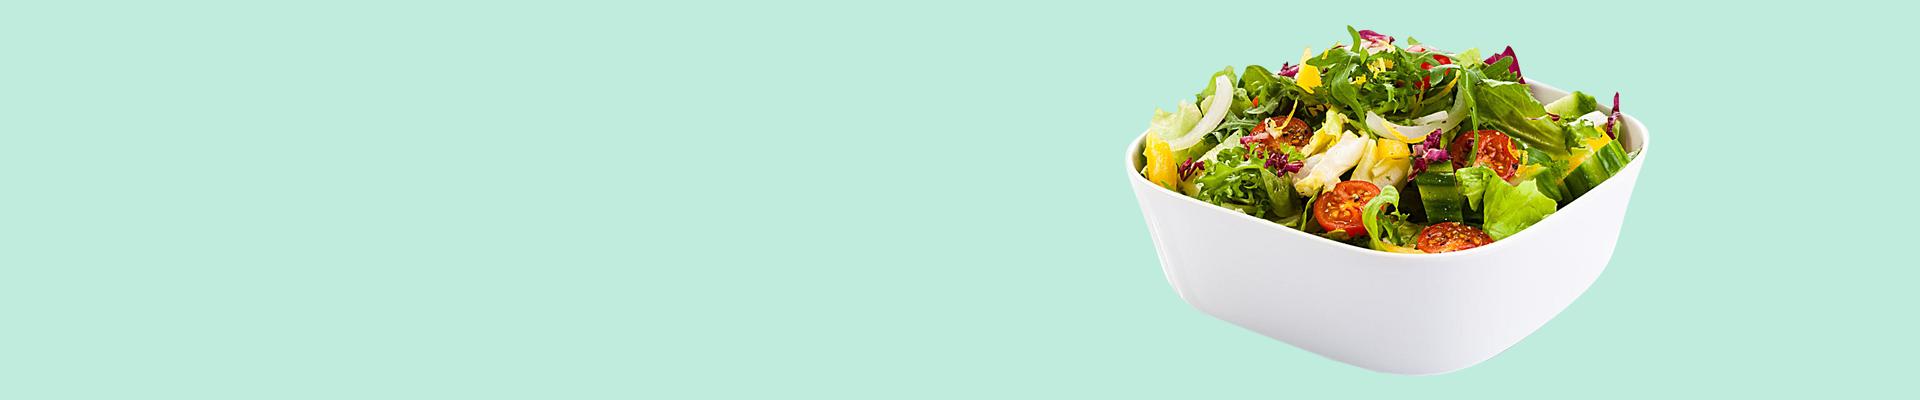 Jual Sayuran Beku Terbaik & Terlengkap - Harga Murah